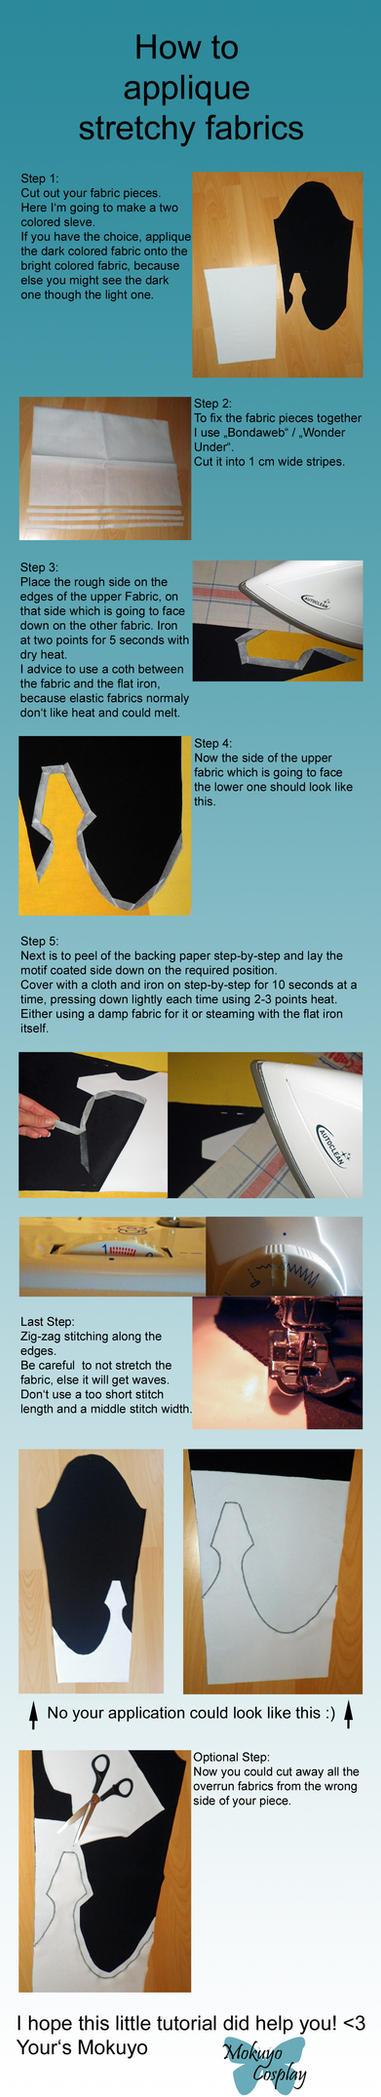 How to applique stretchy fabrics by Mokuyo